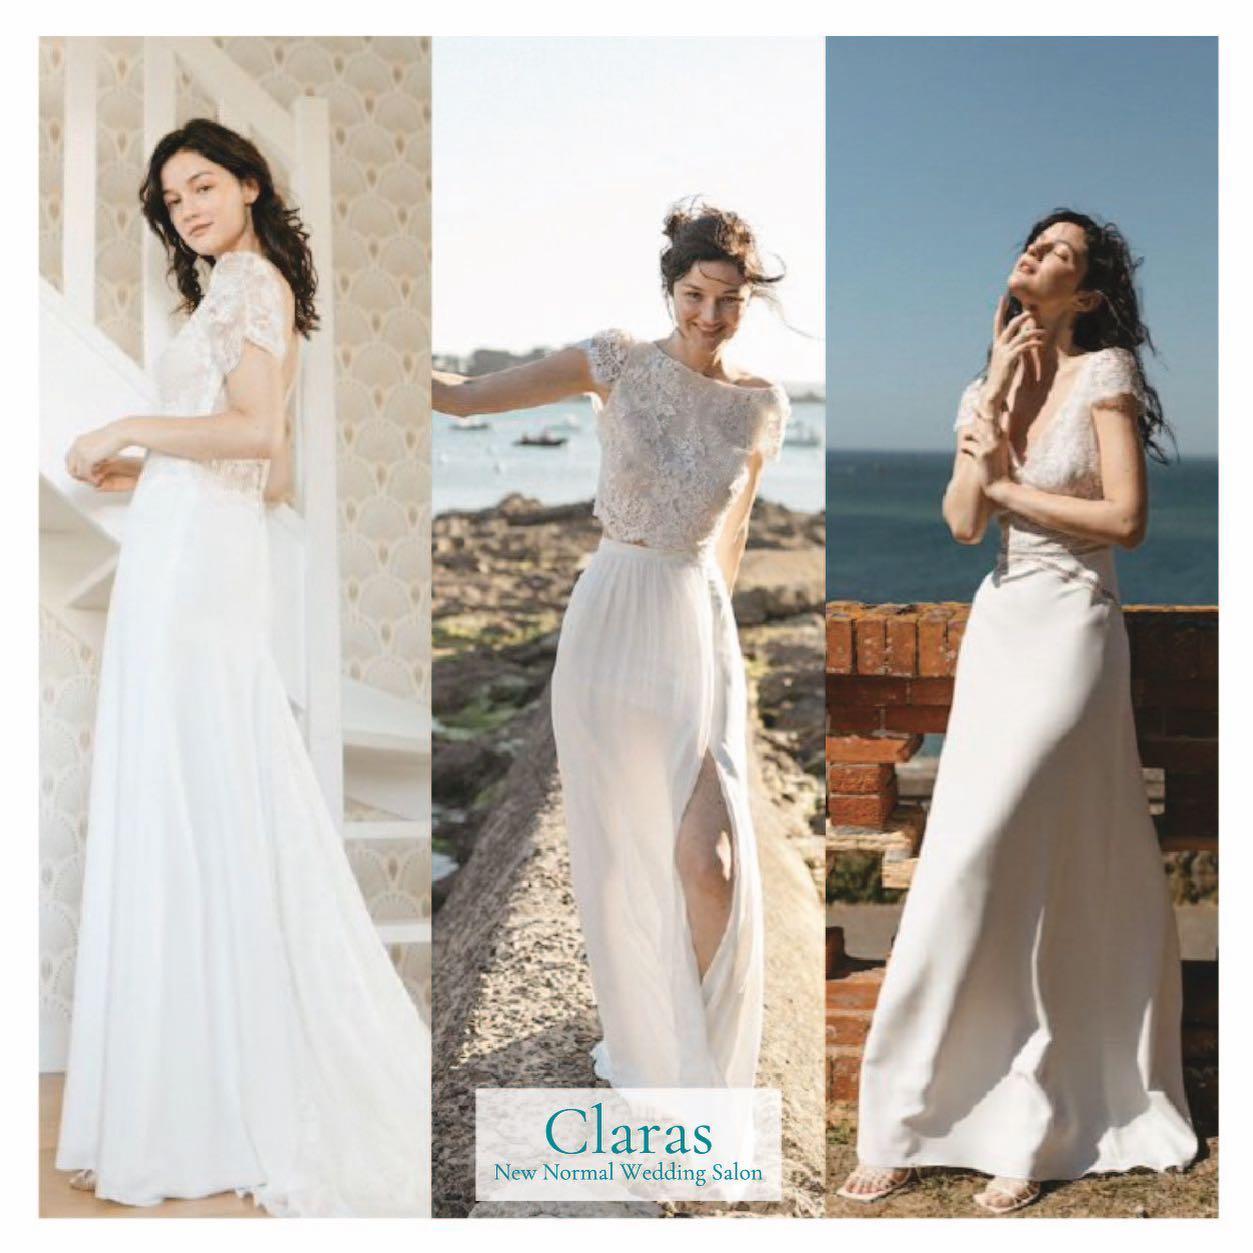 """🕊Claras とは🕊本当のドレス選びの楽しさを感じて欲しい・インポートドレスを適正価格でお届けするのがClaras・レンタルでは叶わない繊細で上質な素材も、ジャストサイズだから再現できるデザイン美も・Parisに関連会社があるからこそ直輸入での適正価格が叶う・Clarasは1組ずつ貸切でご案内寛ぎながら本当にその方に合った1着へと導きます自分だけのための1着を選びに来てください🤍結婚式やフォトなど迷ってる方でもまずはClarasへ🕊・長年様々なウエディングに携わってきたClarasスタッフより、細かなカウンセリングを行い的確ななご提案をさせていただきますご予約はDMからでも承れます・New Normal Wedding Salon""""Claras""""https://claras.jp/・about """"Claras""""…(ラテン語で、明るい·輝く)As(明日· 未来, フランス語て最高、一番) ・明るく輝く明日(未来) に貢献したいという想いを込めています🕊Fashionの都Parisをはじめ、欧米から選りすぐりのドレスをこれから出逢う花嫁のために取揃えました・2021.3.7 (Sun)NEW OPEN・Dressから始まるWedding Story""""憧れていた Dress選びから始まる結婚準備があったっていい""""・さまざまな新しい「価値」を創造し発信していきますこれからの新しい Wedding の常識を""""Claras """"から🕊・New Normal Wedding Salon【Claras】〒107-0061 東京都港区北青山2-9-14SISTER Bldg 1F(101) 東京メトロ銀座線 外苑前駅3番出ロより徒歩2分Tel:03 6910 5163HP: https://claras.jp営業時間:平日 12:00-18:00 土日祝11:00-18:00(定休日:月・火)・#wedding #weddingdress #instagood #instalike #claras #paris #vowrenewal#ウェディングドレス #プレ花嫁 #ドレス試着 #ドレス迷子 #2021夏婚 #2021冬婚 #ヘアメイク #結婚式  #ドレス選び #前撮り #インポートドレス #フォトウェディング #ウェディングヘア  #フォト婚 #ニューノーマル #ブライダルフォト #カップルフォト #ウェディングドレス探し #ウェディングドレス試着 #セルドレス #ドレスショップ #バウリニューアル #運命のドレス"""